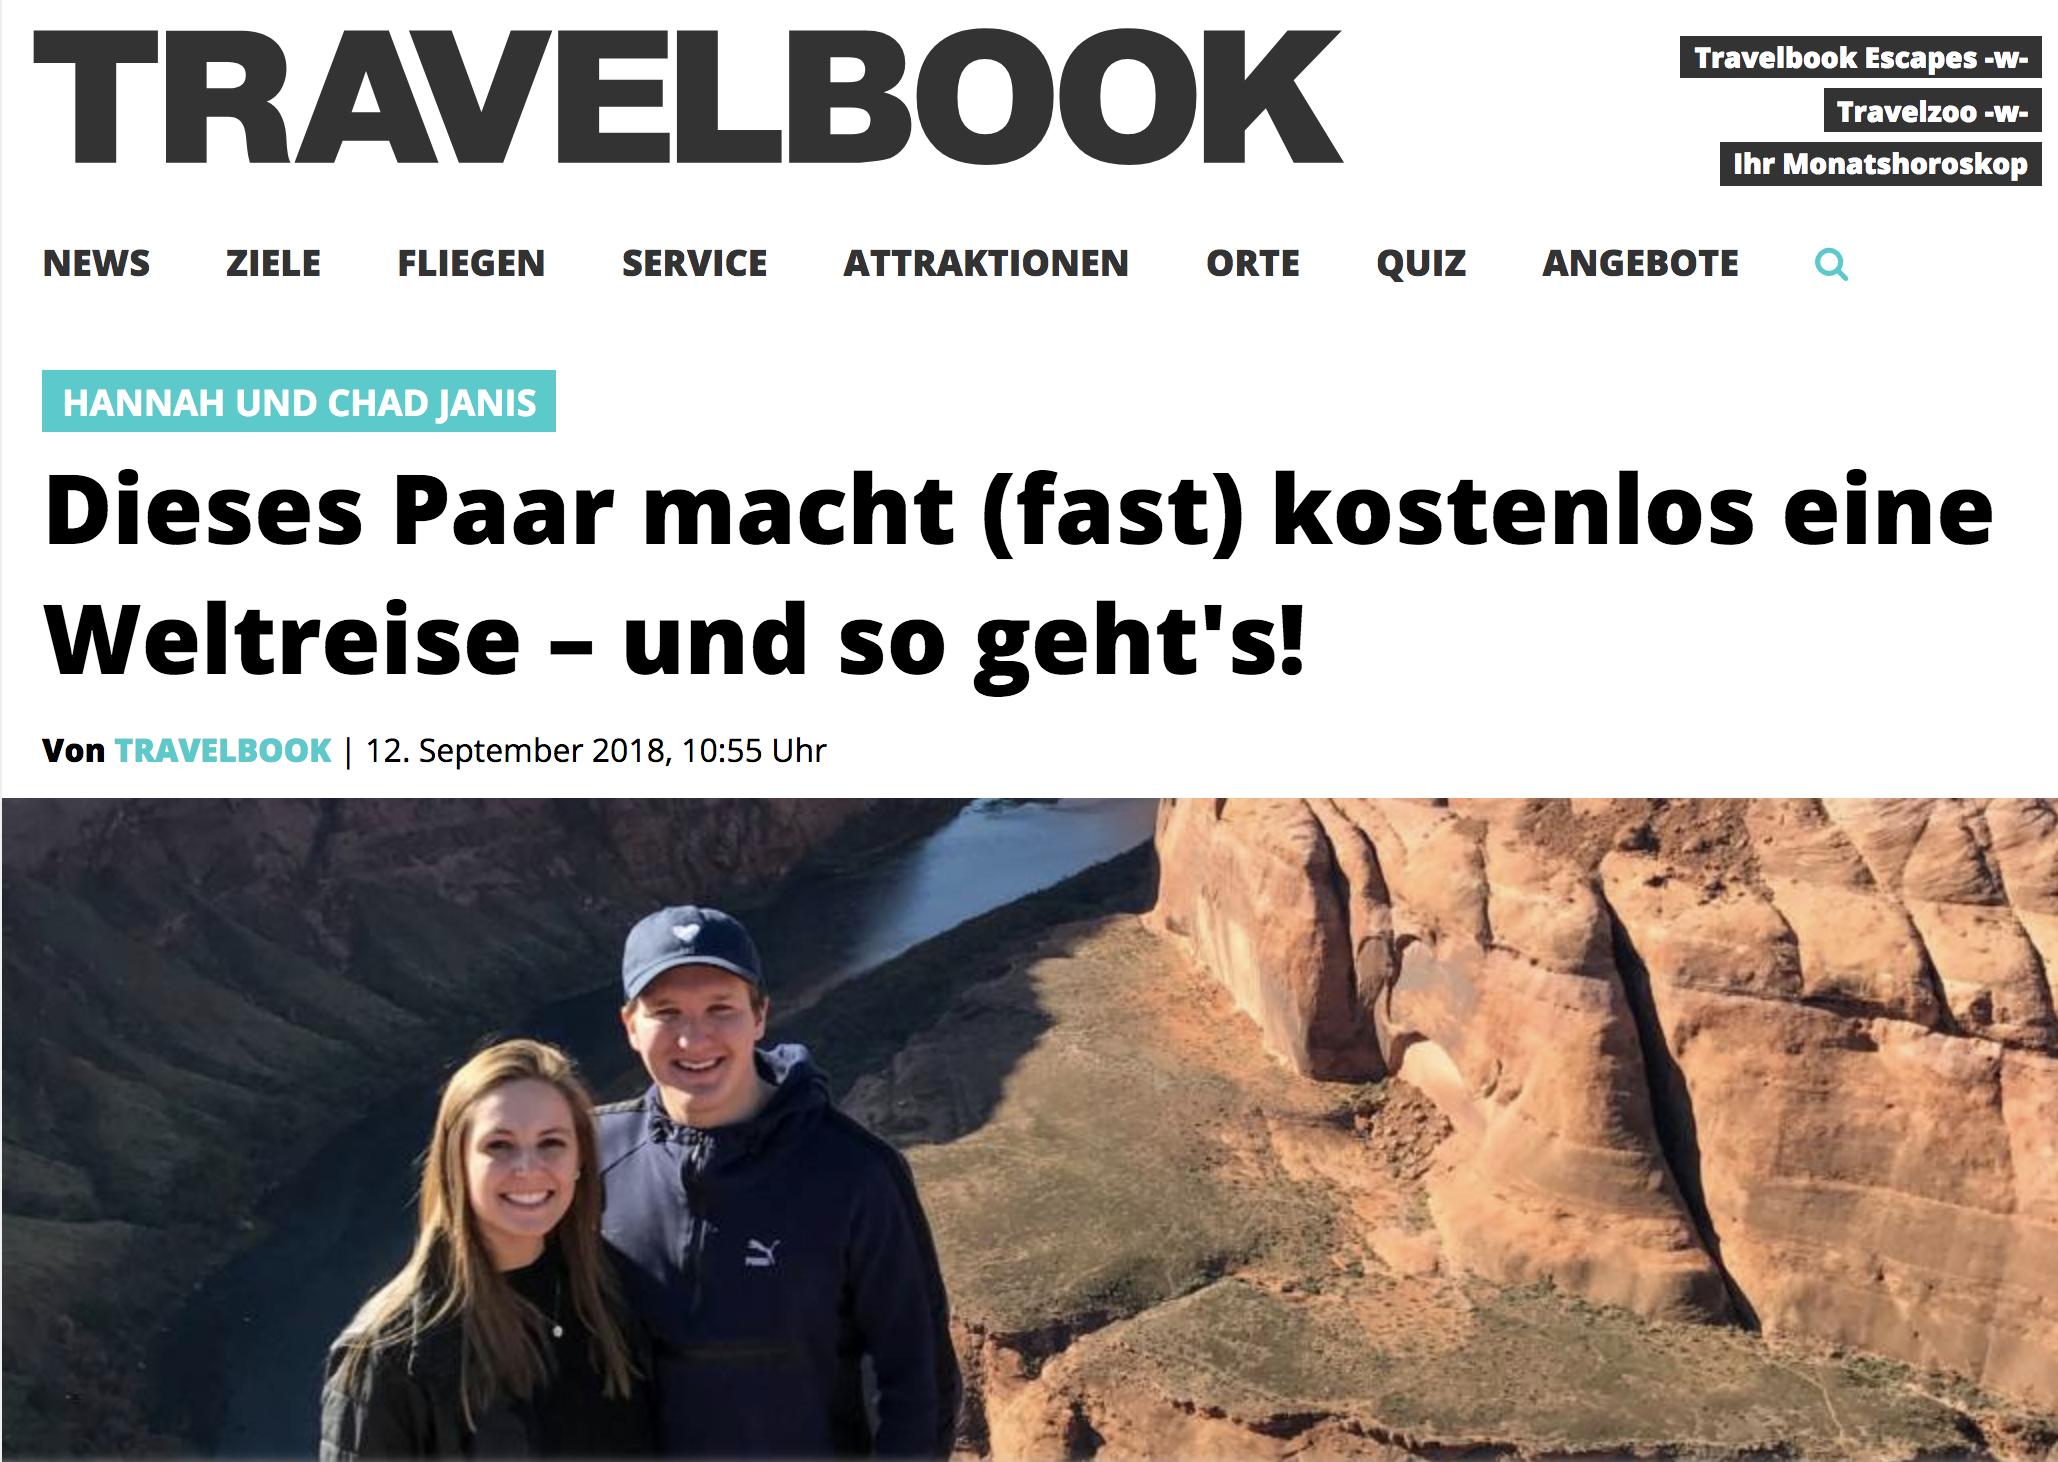 Travelbook.de - Dieses Paar macht (fast) kostenloss eine Weltreise - und so geht's!